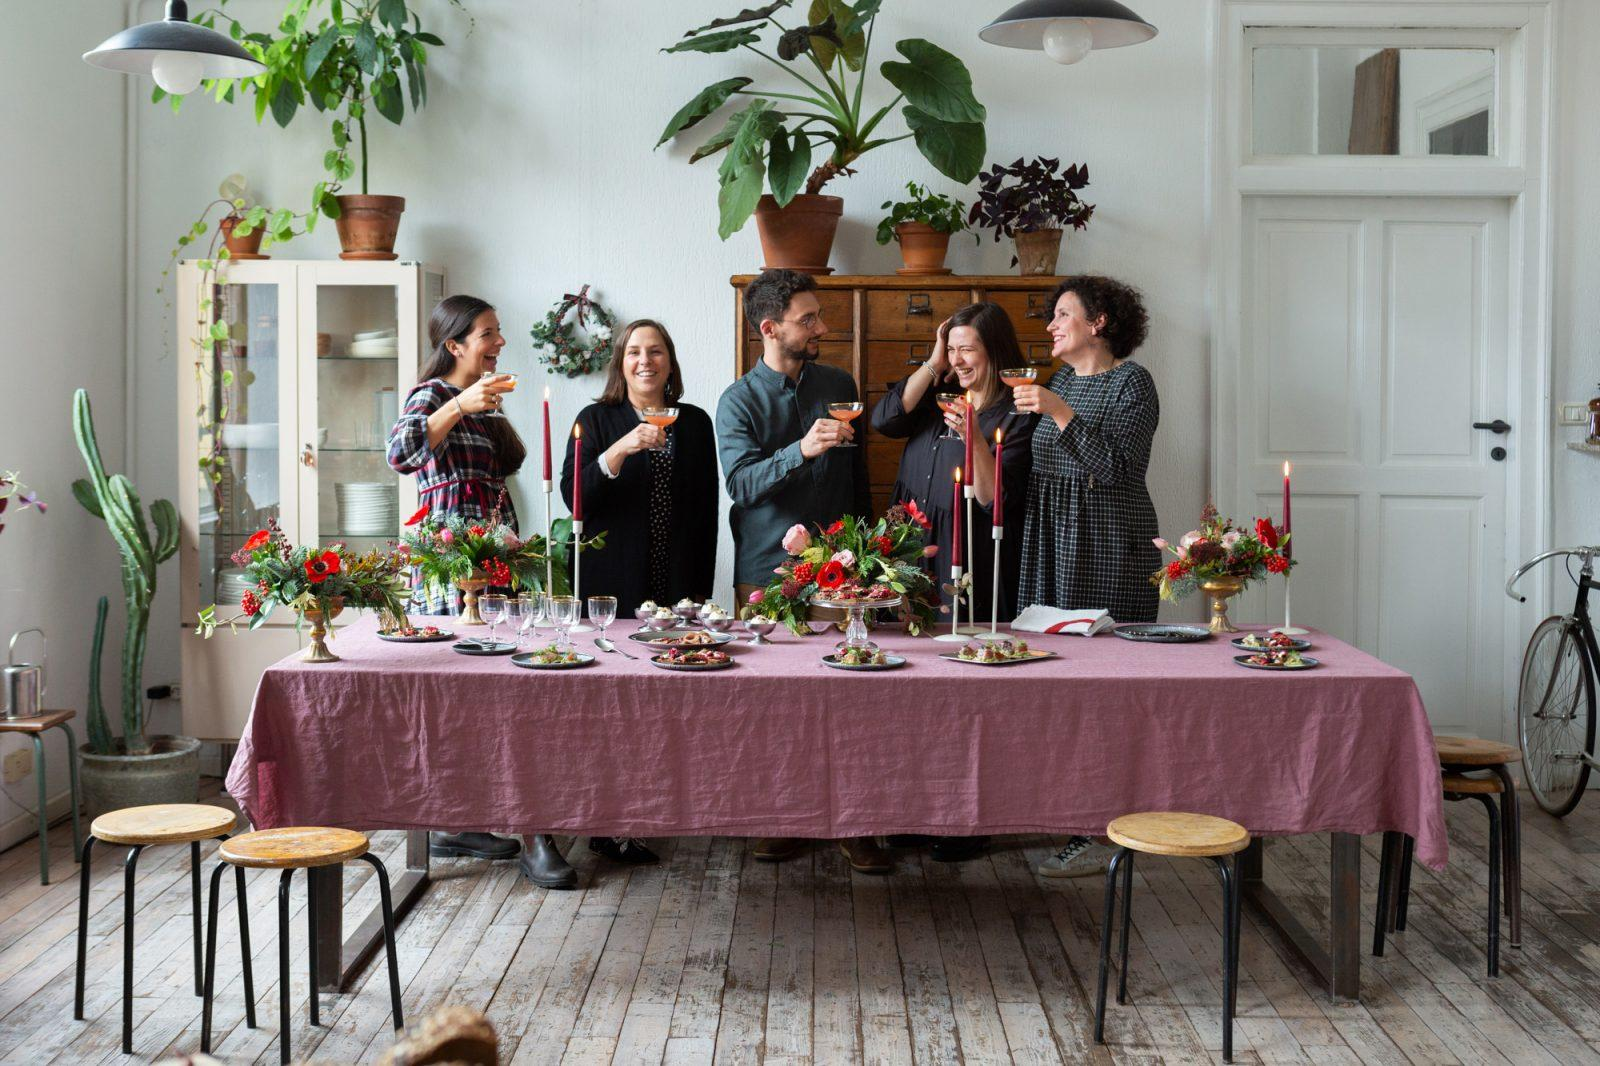 cinque persone che brindano davanti a un tavolo imbandito